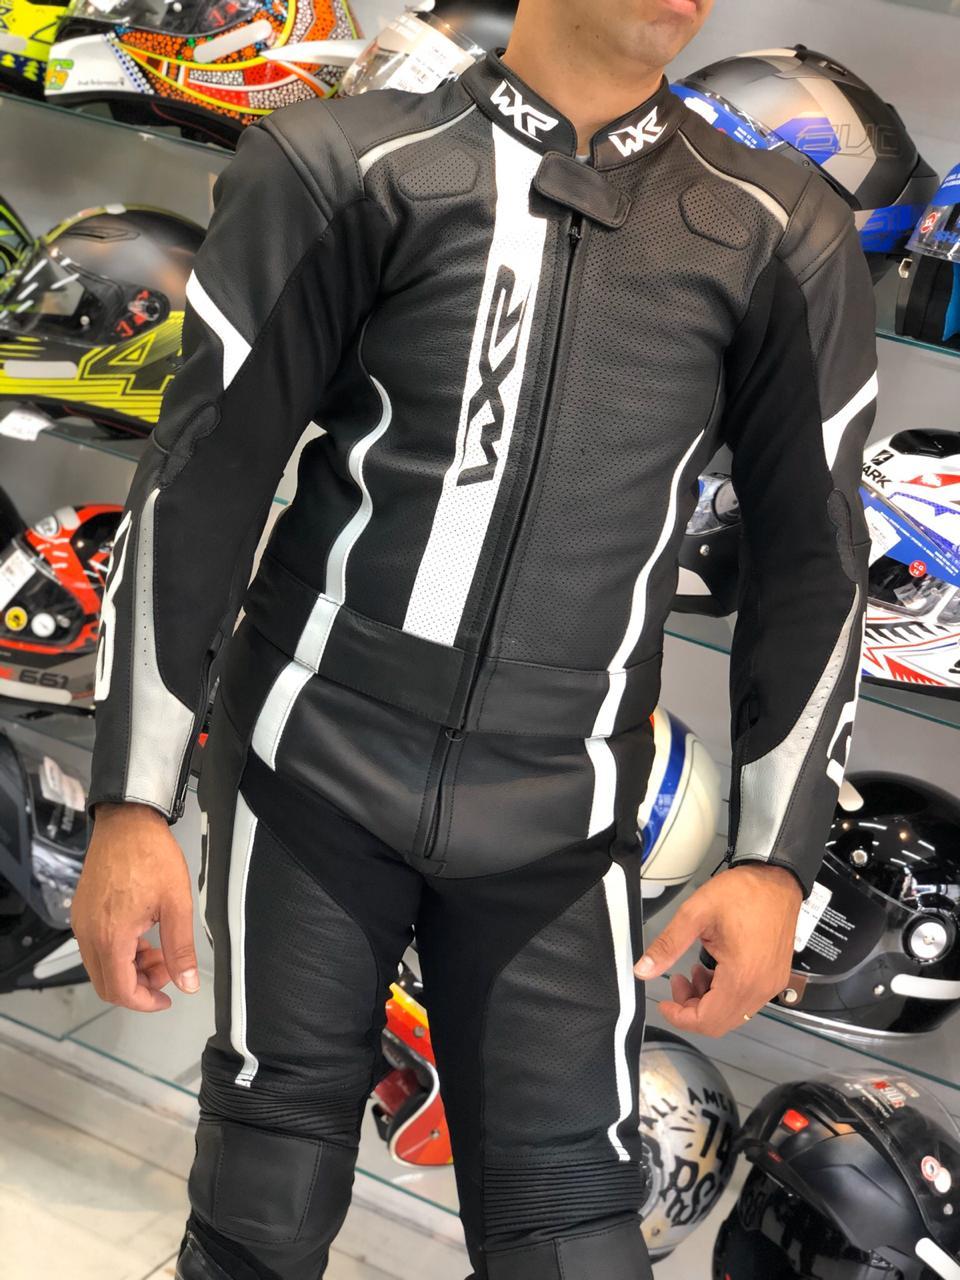 Macacão WXR - 2 peças Branco c/ Preto - LANÇAMENTO  - Nova Centro Boutique Roupas para Motociclistas